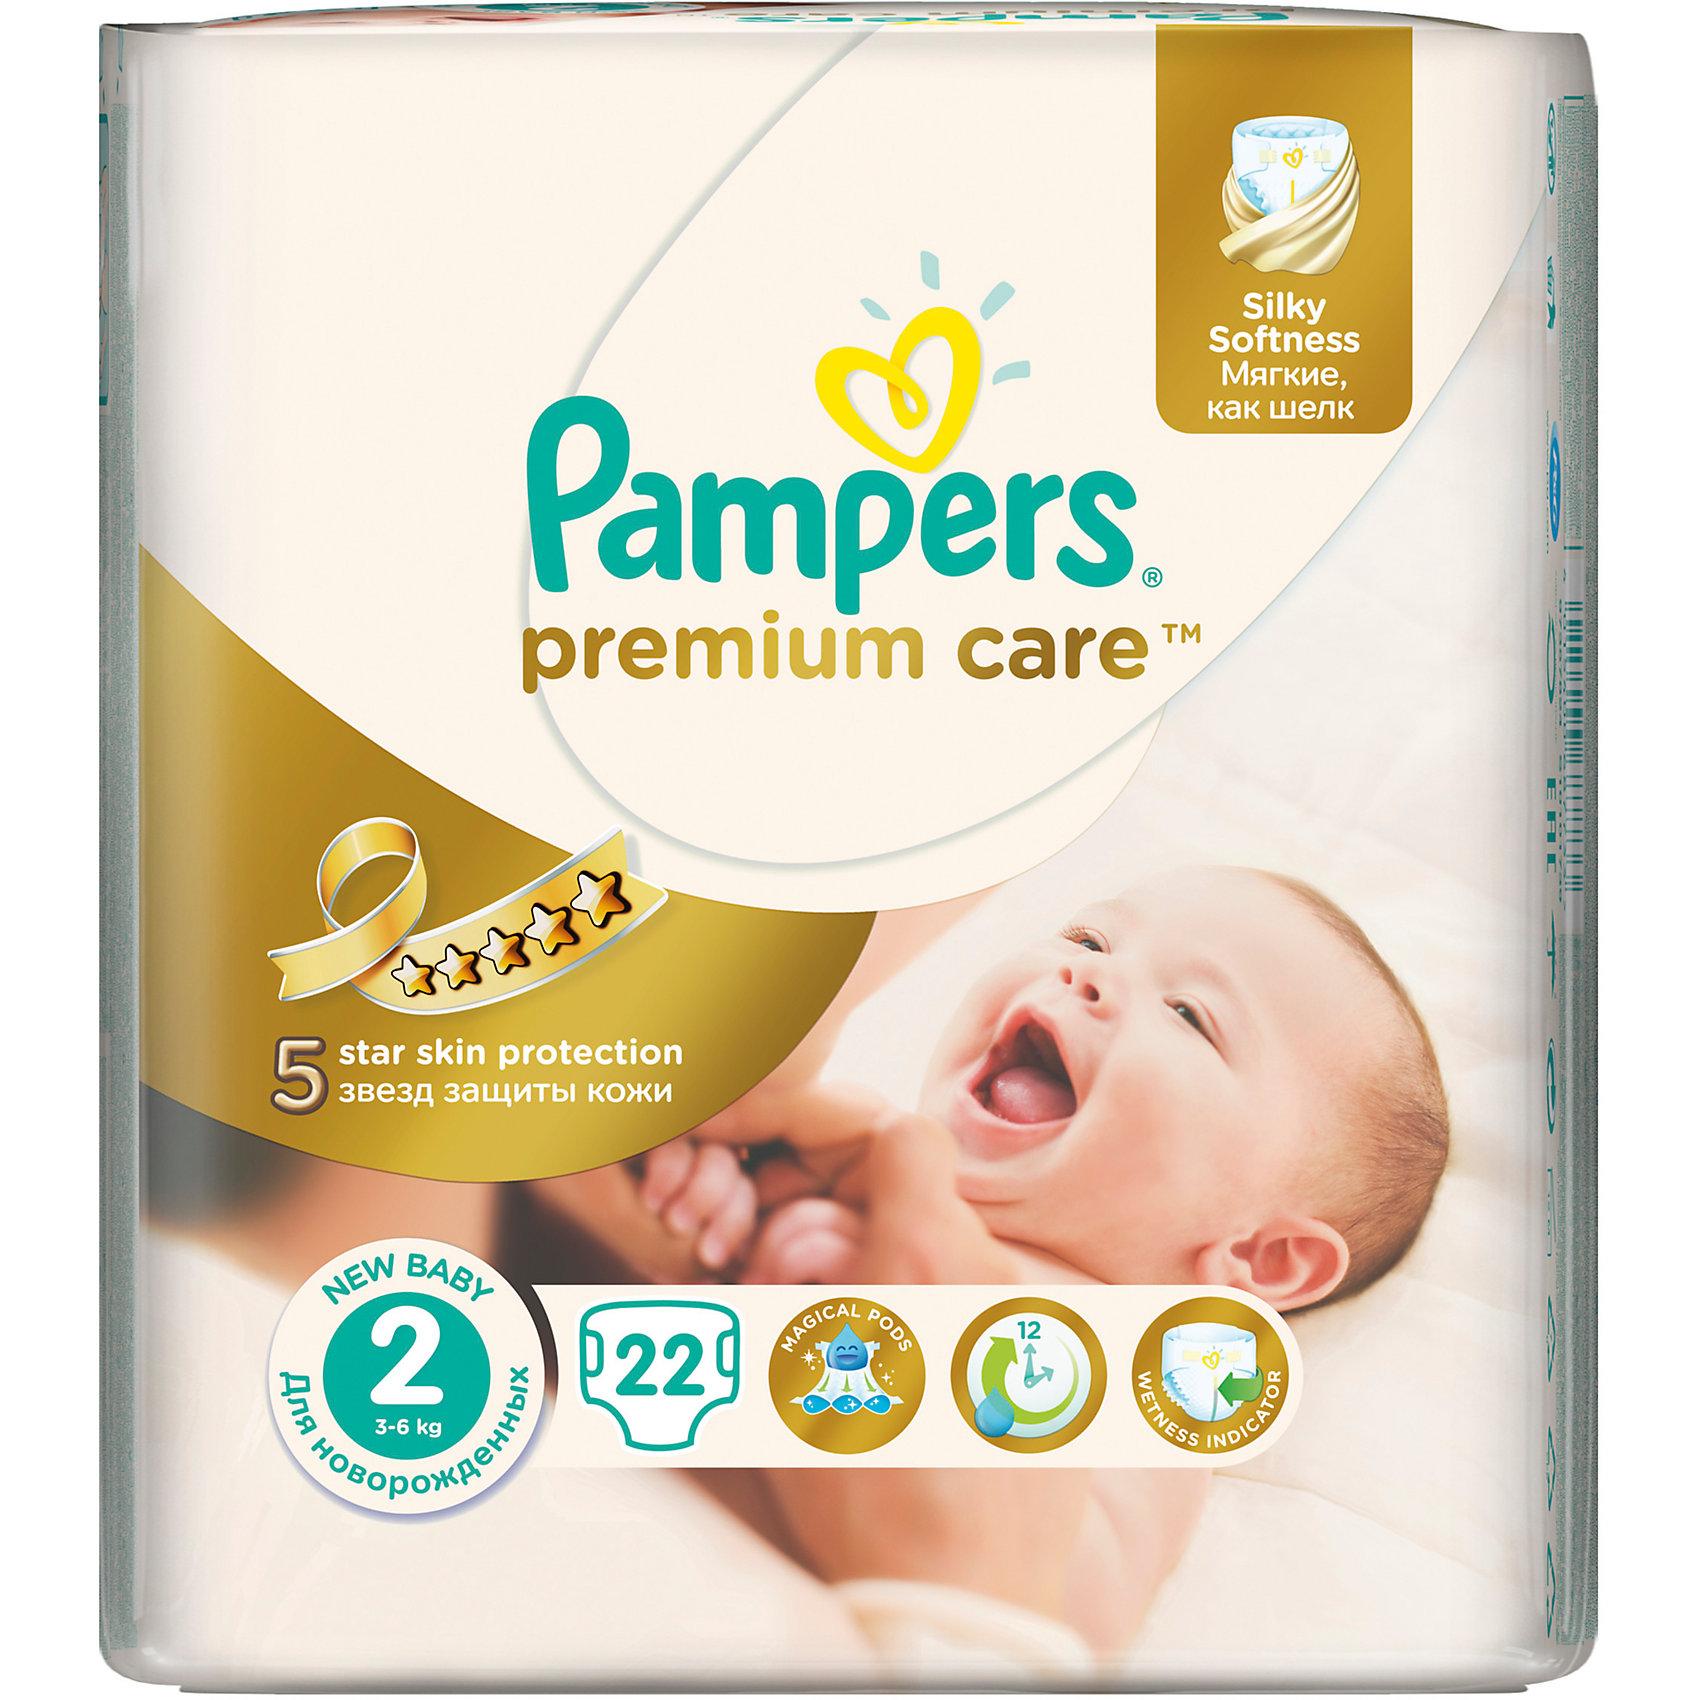 Подгузники Pampers Premium Care Mini, 3-6 кг., 22 шт.Подгузники до 5 кг.<br>Подгузники Pampers Premium Care Mini (Памперс премиум кеа), 3-6 кг., 22 шт.<br><br>Характеристики:<br><br>• мягкие как шелк<br>• впитывающие каналы равномерно распределяют влагу<br>• удерживают влагу до 12 часов<br>• дышащие материалы обеспечивают правильную циркуляцию воздуха<br>• индикатор влаги подскажет, что нужно сменить подгузник<br>• эластичные боковинки защищают от протеканий<br>• состав бальзама: вазелин, стеариловый спирт, экстракт алоэ, жидкий вазелин/вазелиновое масло<br>• размер: 3-6 кг<br>• количество: 22 шт.<br>• размер упаковки: 17,8х11х17,5 см<br>• вес: 463 грамма<br><br>Подгузники Pampers Premium Care подарят вашему малышу сухость и комфорт на всю ночь! Подгузники имеют три впитывающих канала, которые позволяют равномерно распределить влагу без образования комков. Специальный впитывающий слой быстро абсорбирует и удерживает влагу до 12 часов, позволяя избежать соприкосновения с кожей. Эластичные боковинки подгузников помогут предотвратить натирание на коже. Внешний слой позволяет коже ребёнка дышать всю ночь, обеспечивая правильную микроциркуляцию кожи. Подгузники имеют индикатор влаги, который напомнит вам о необходимости смены подгузника. Pampers Premium Care мягкие словно шёлк. В них кроха всегда будет готов к новым открытиям!<br><br>Подгузники Pampers Premium Care Mini (Памперс премиум кеа), 3-6 кг., 22 шт. можно купить в нашем интернет-магазине.<br><br>Ширина мм: 175<br>Глубина мм: 110<br>Высота мм: 178<br>Вес г: 463<br>Возраст от месяцев: 0<br>Возраст до месяцев: 6<br>Пол: Унисекс<br>Возраст: Детский<br>SKU: 5422938